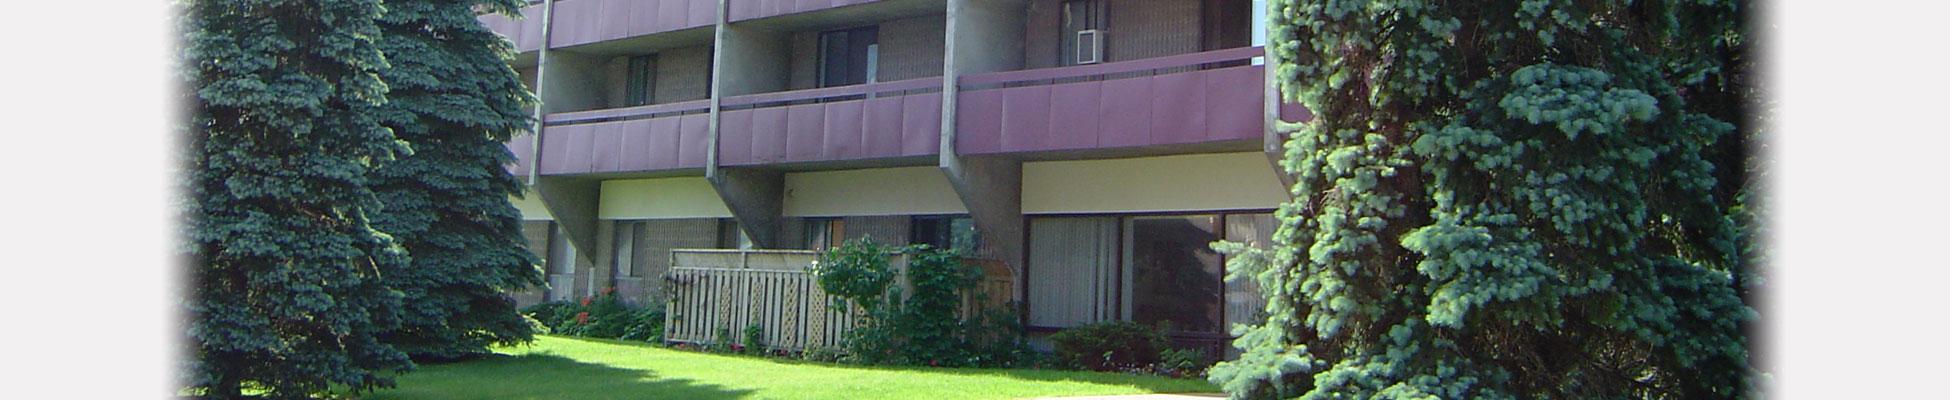 Senior Apartments For Rent In Peterborough Ontario